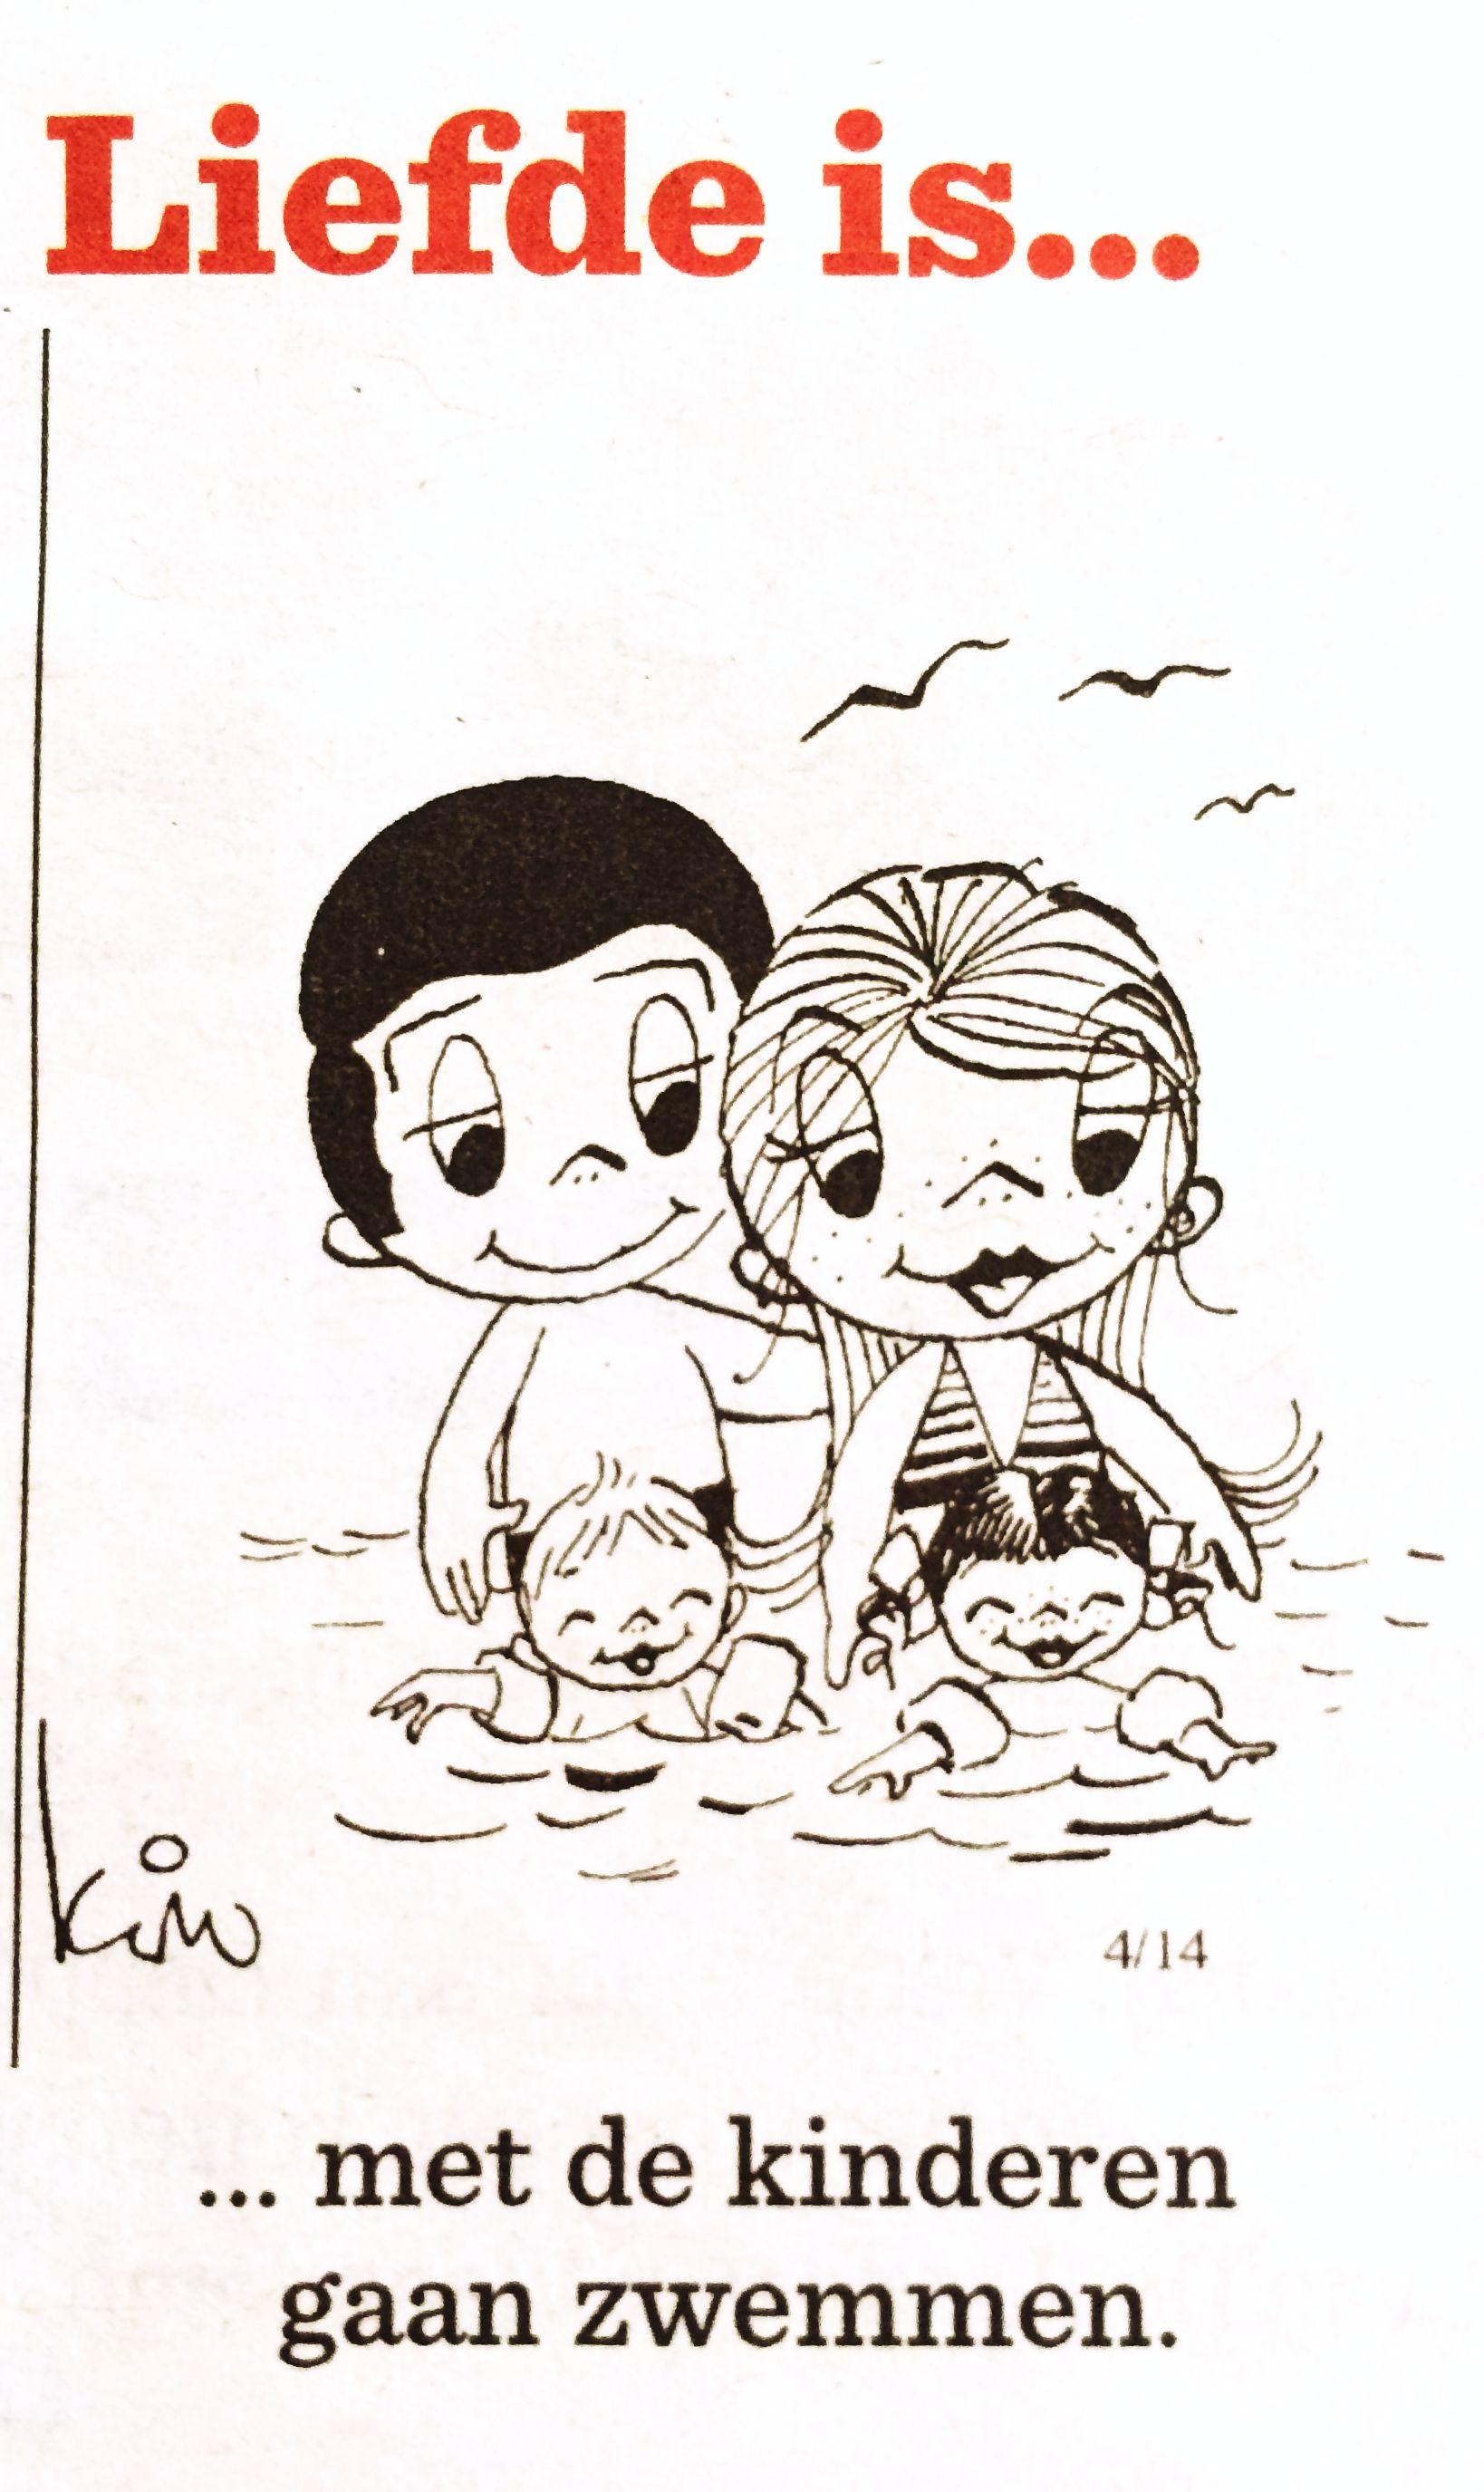 Liefde is... Met de kinderen gaan zwemmen